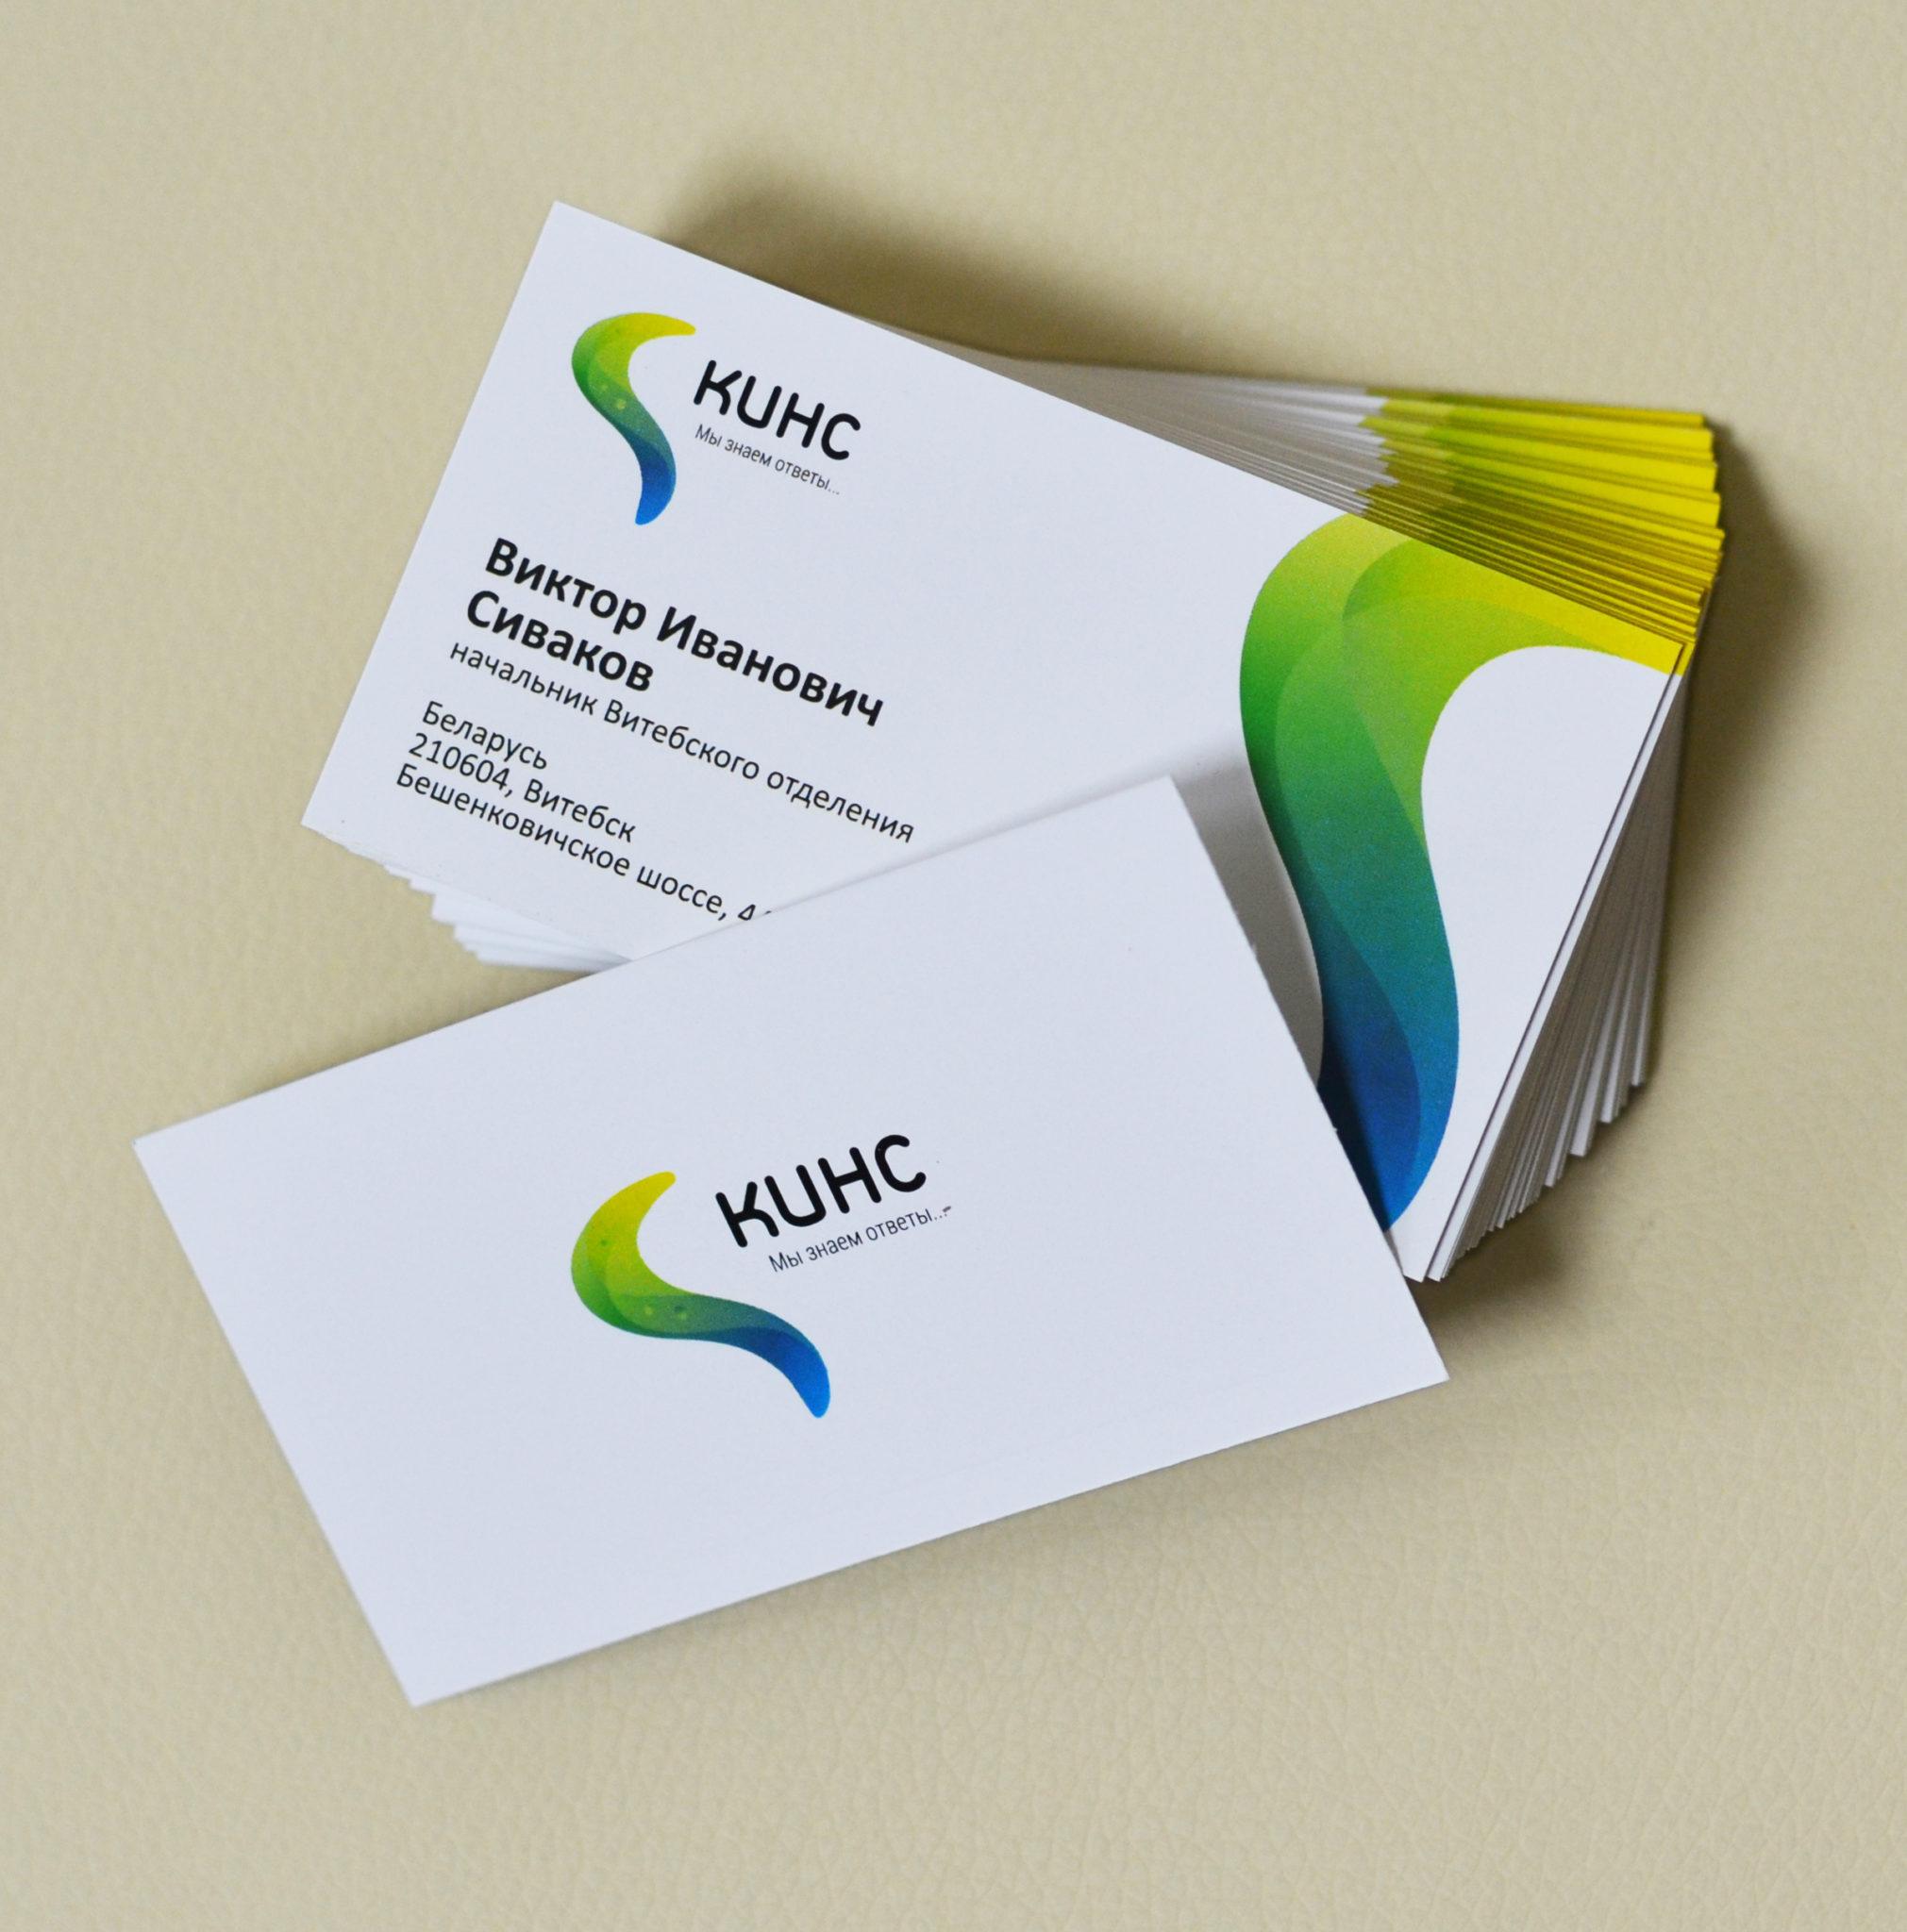 Быстрая и качественная печать визитных карточек — это просто